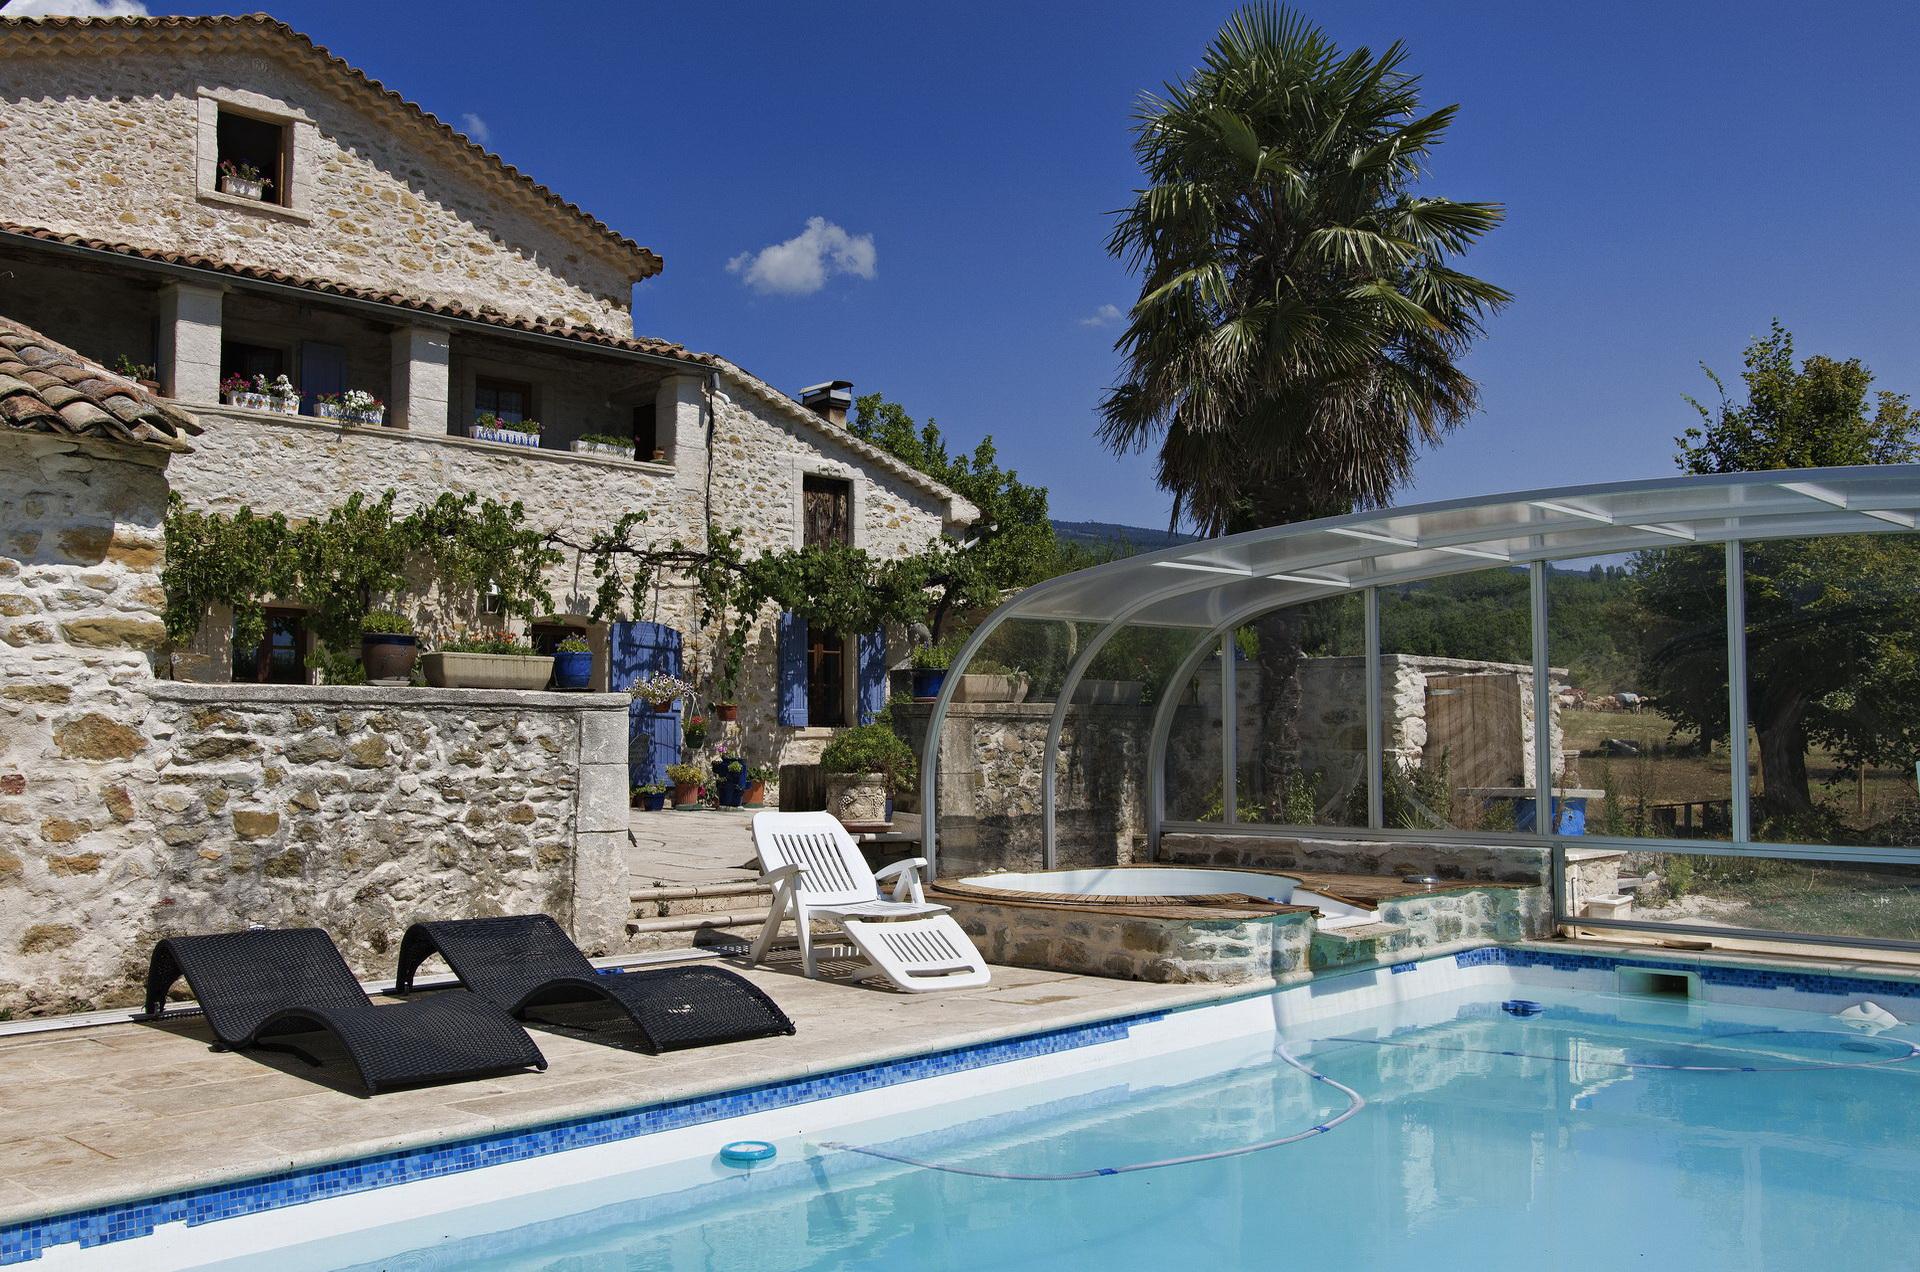 Fontaine Neuve gites et chambres d'hôtes à Lure : piscine et jacuzzi